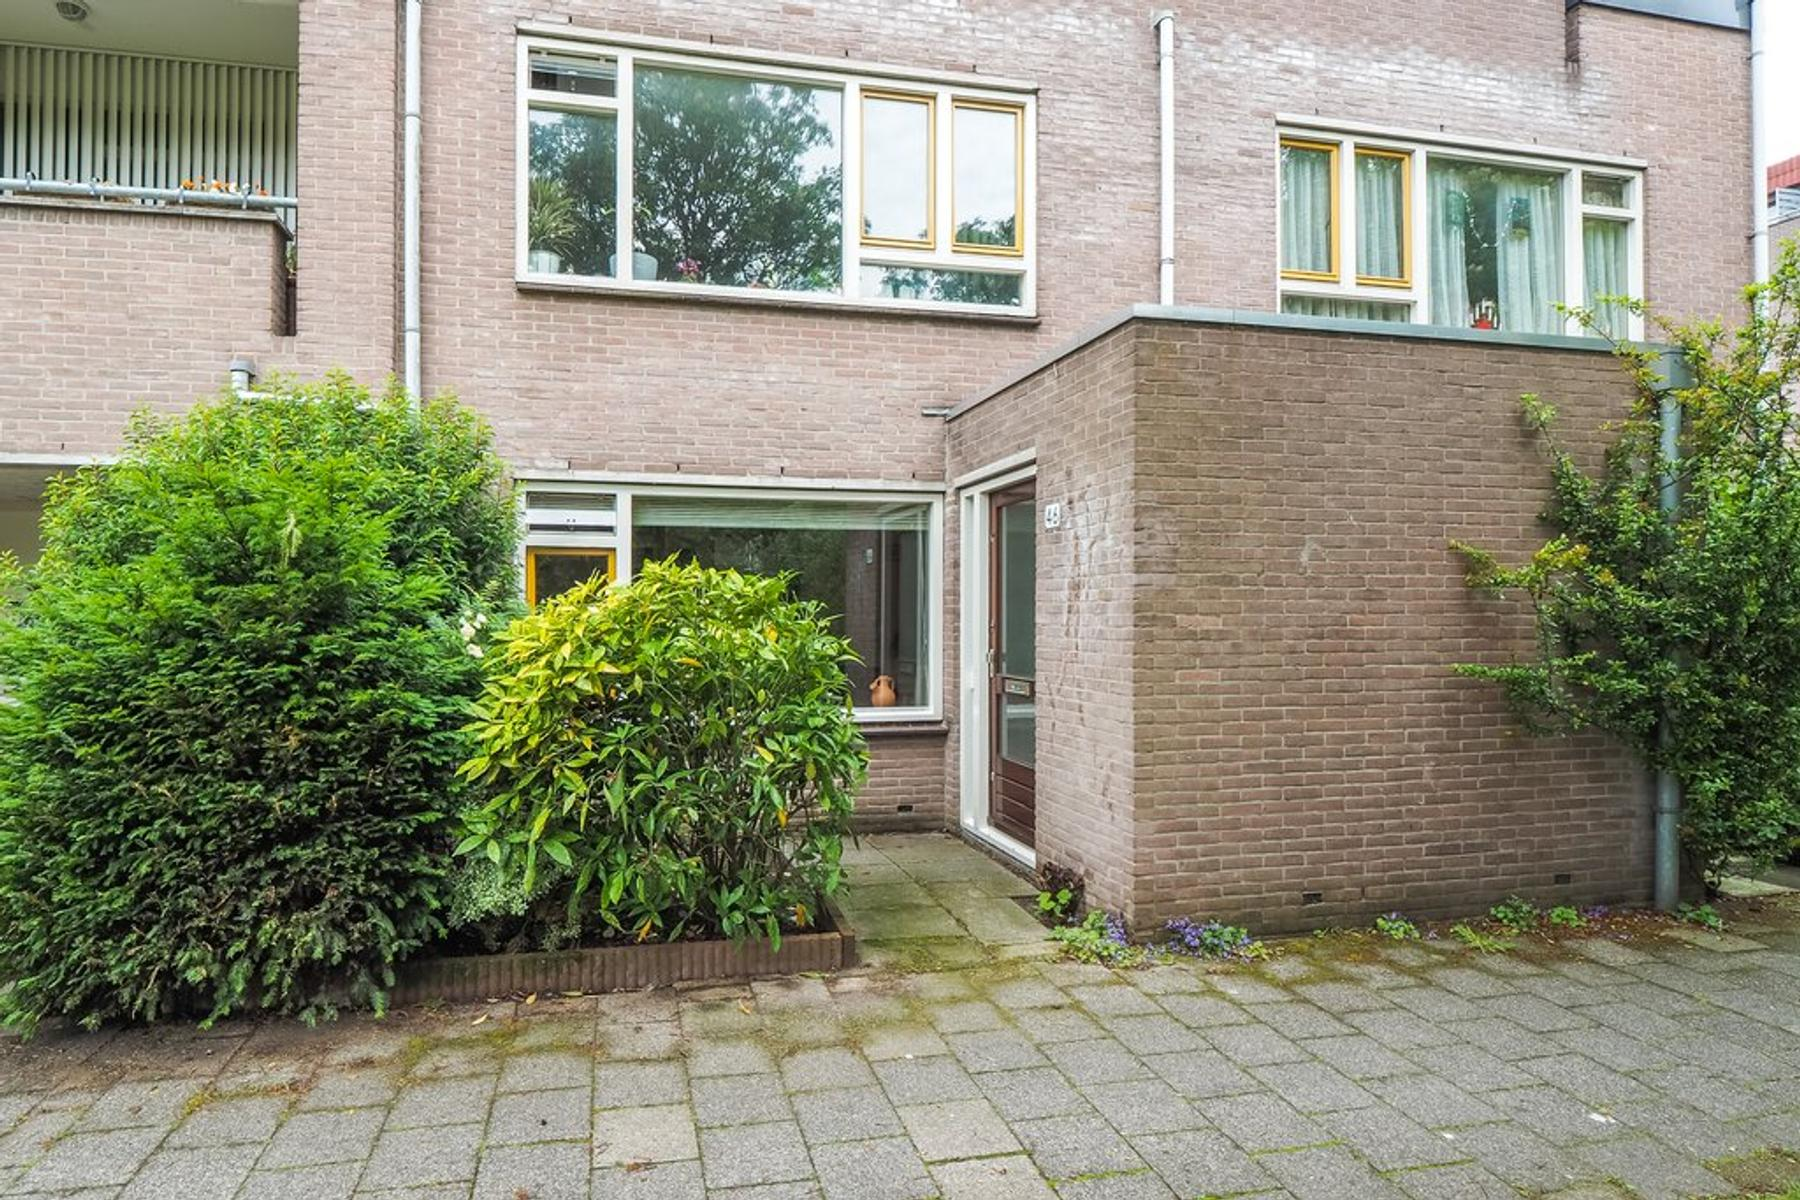 Reiderland 46 in Utrecht 3524 BA